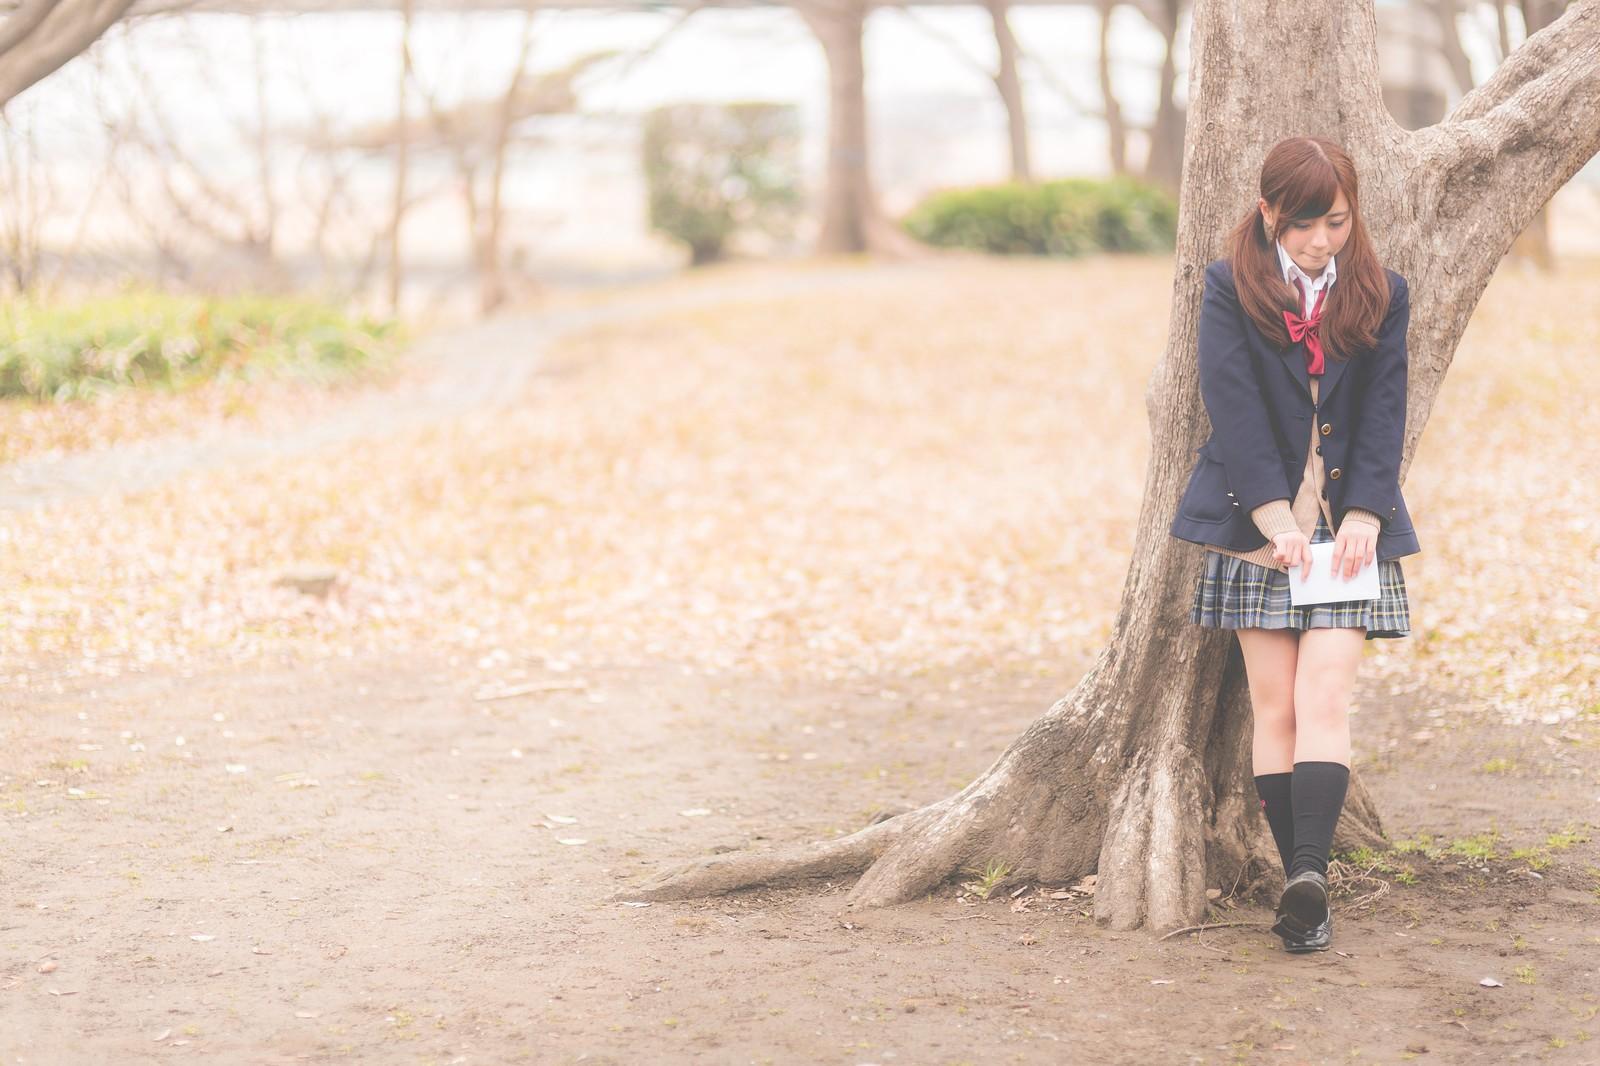 将来が不安と木にもたれかかっている女子高生の画像